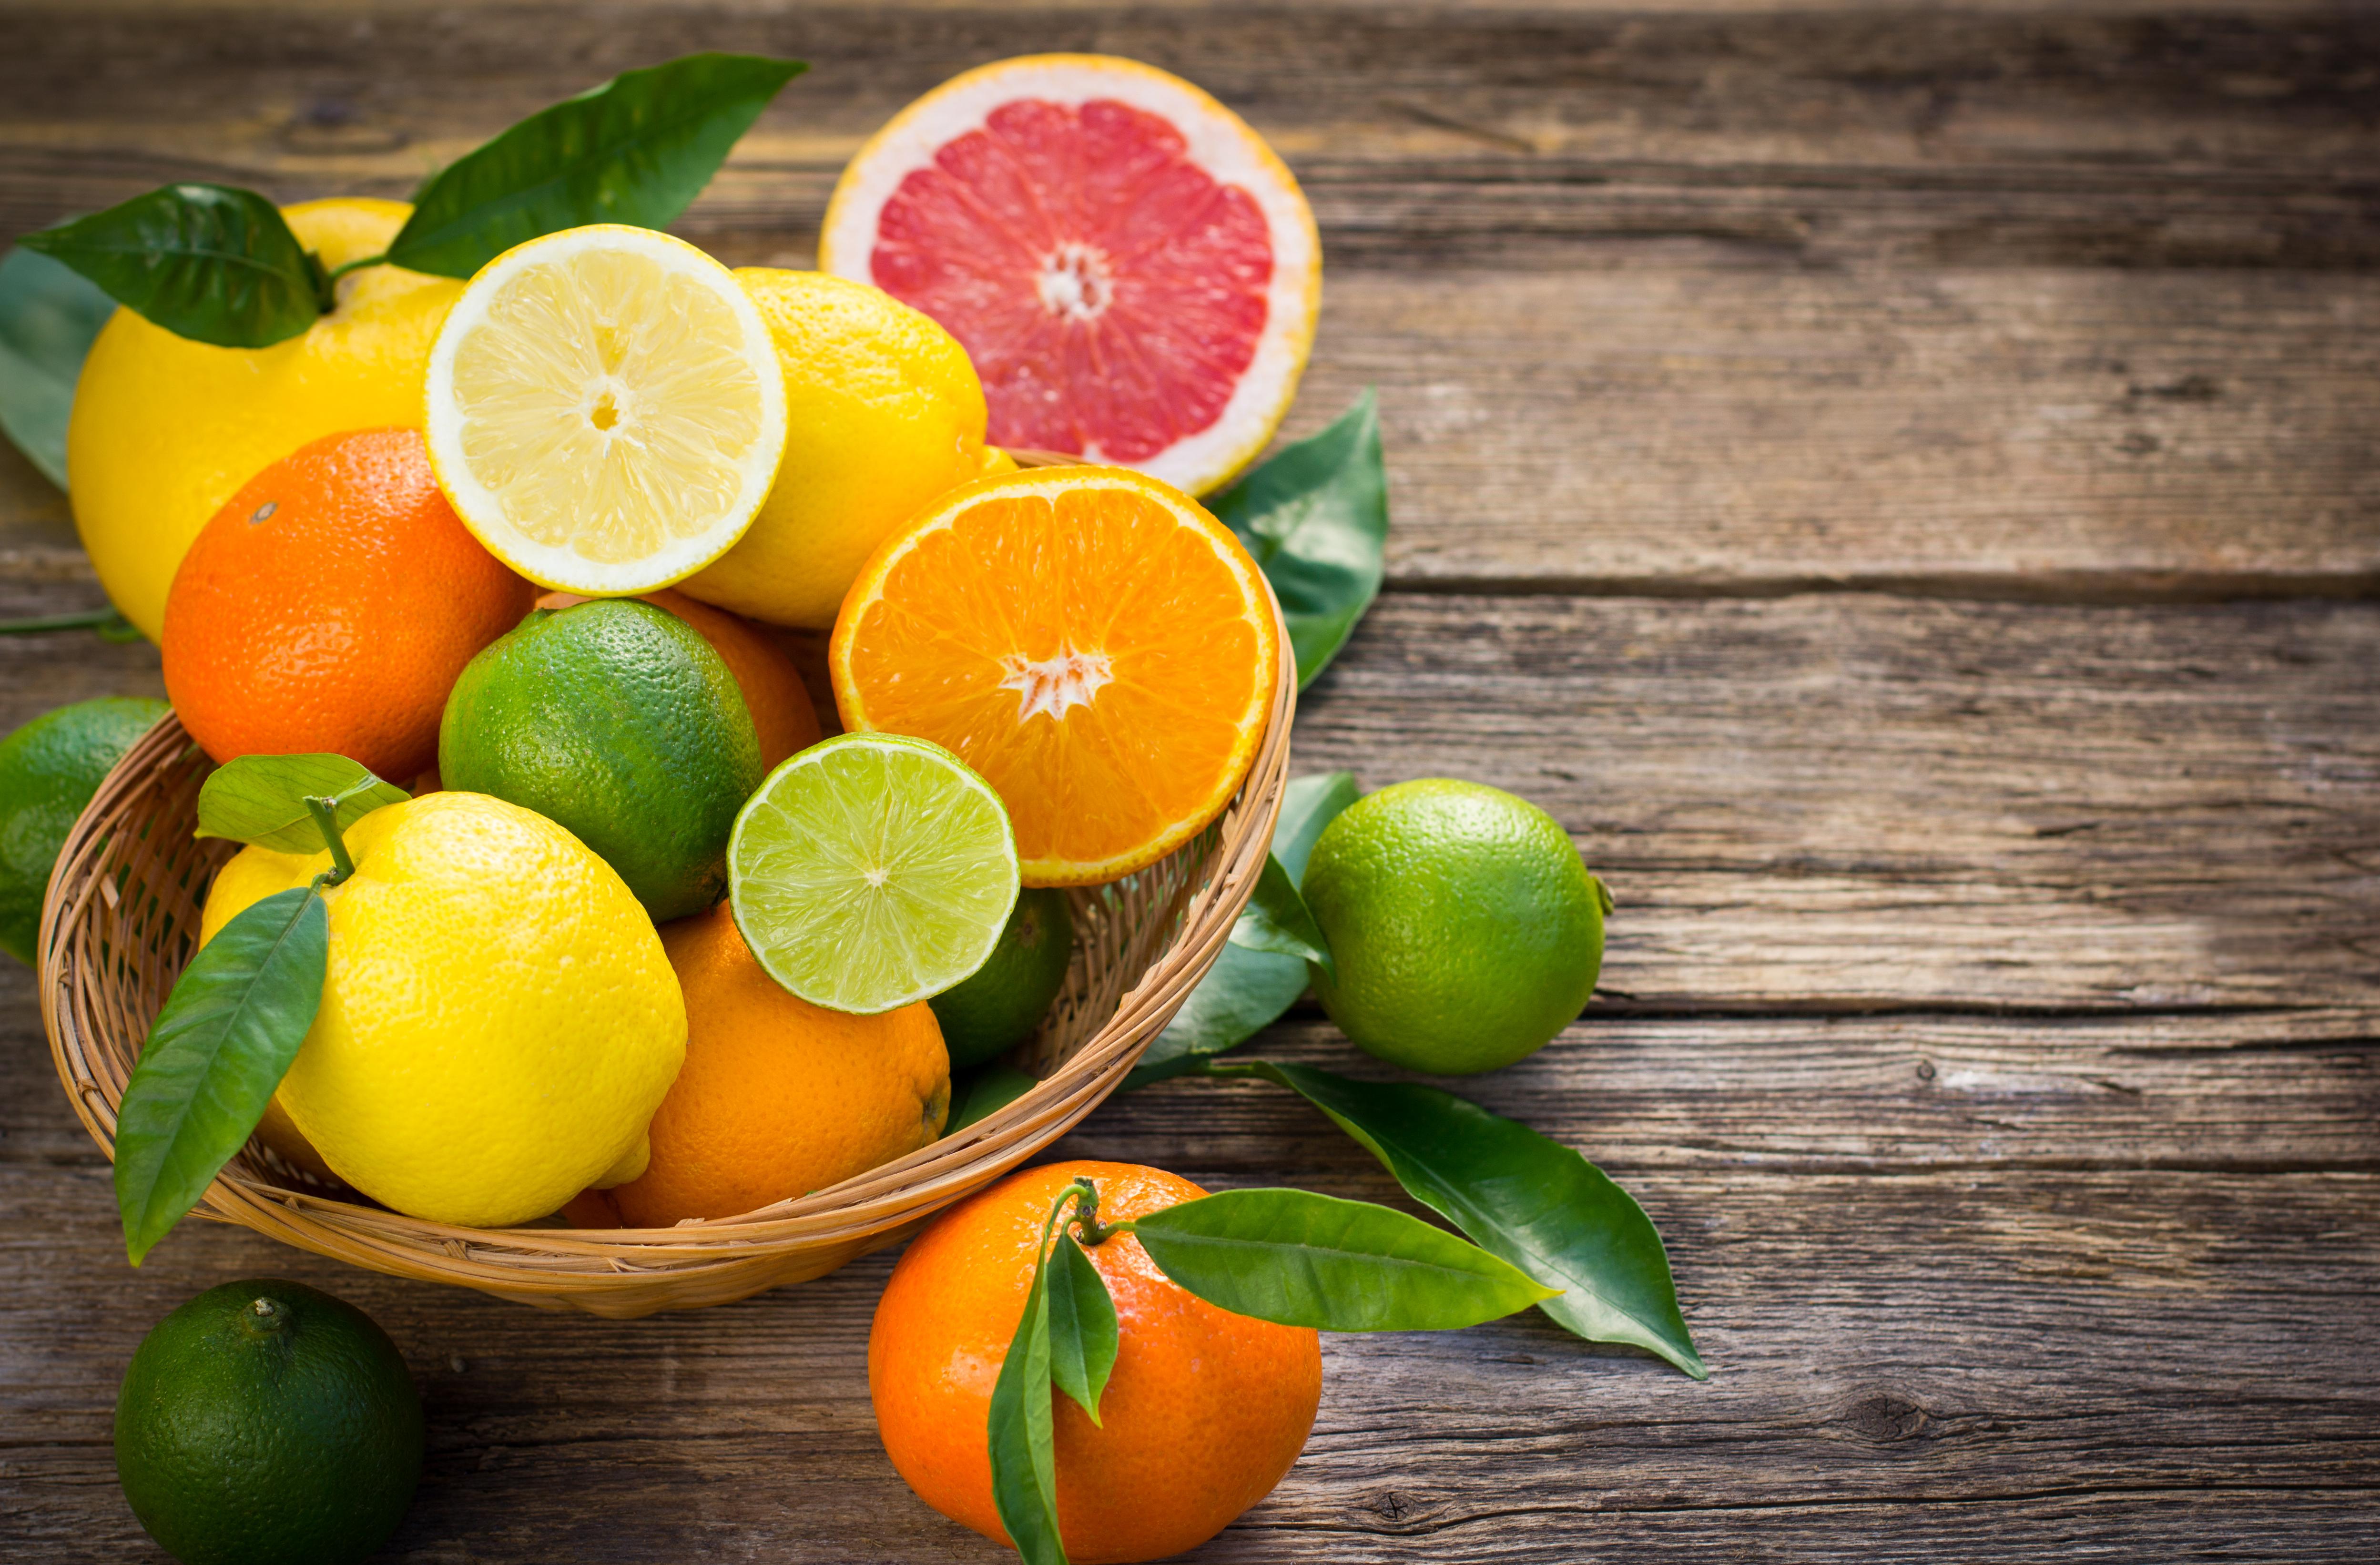 <p><strong>Цитрусови плодове</strong></p>  <p>Тъй като се отглеждат в мек климат, е безопасно да се съхваняват на стайна температура. Ако са разрязани, непременно ти поставете в кутия или ги увийте в специално фолио и ги дръжте в хладилника.</p>